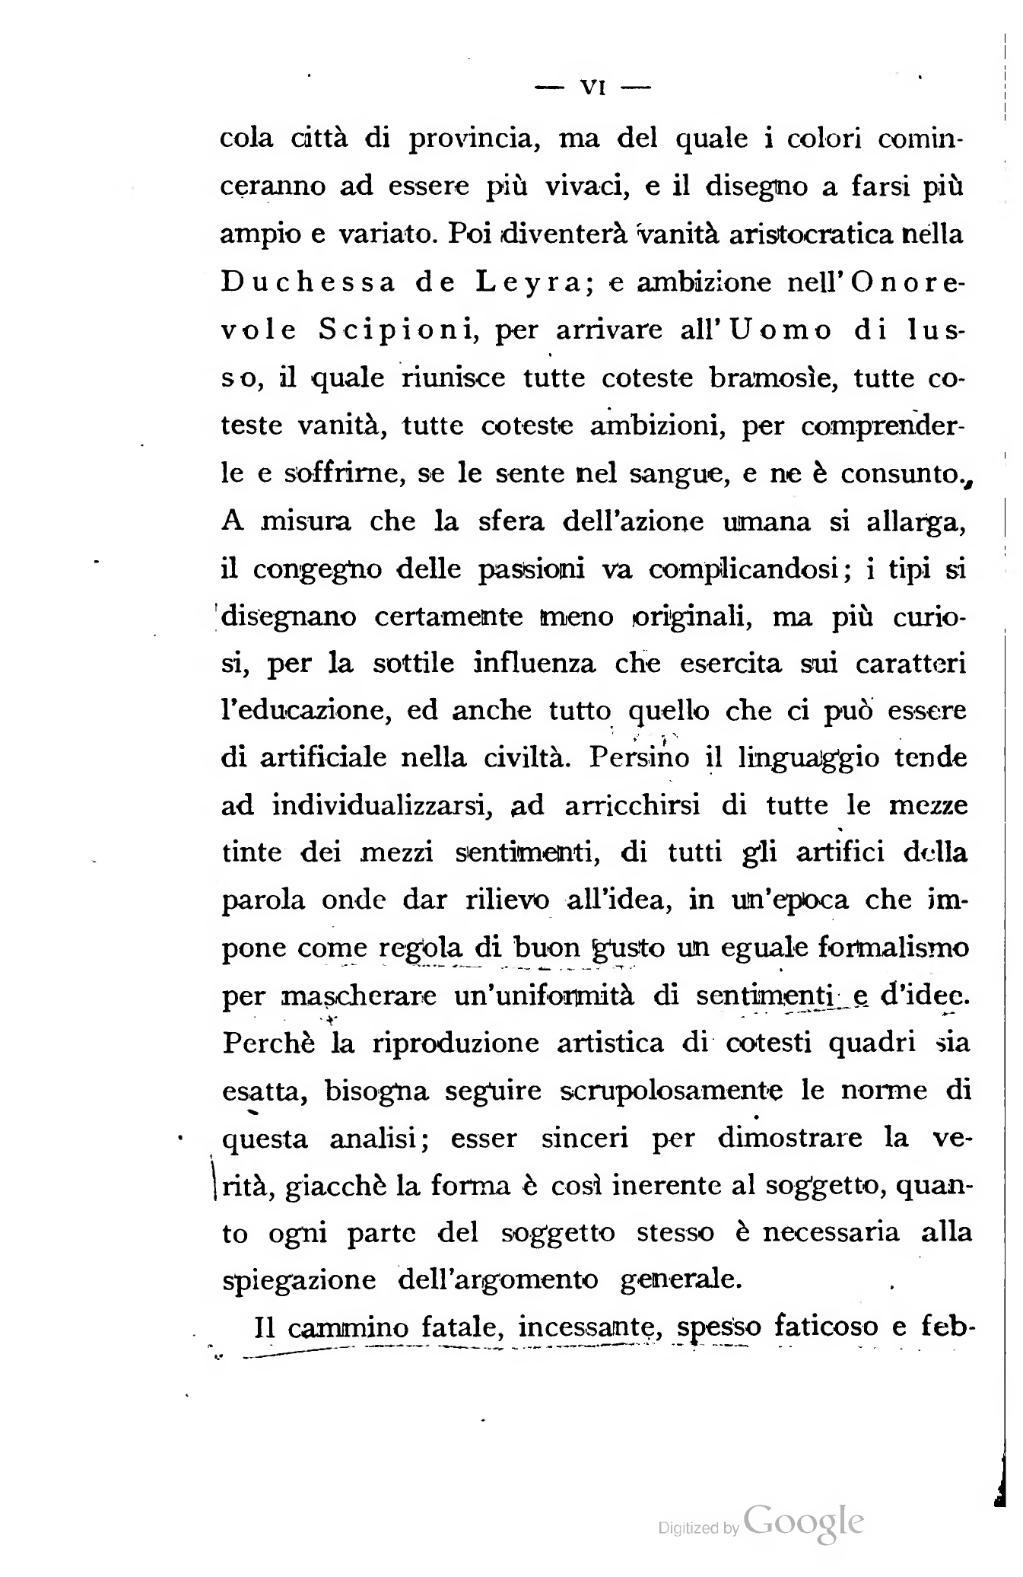 Inerente Pretty pagina:i malavoglia.djvu/8 - wikisource